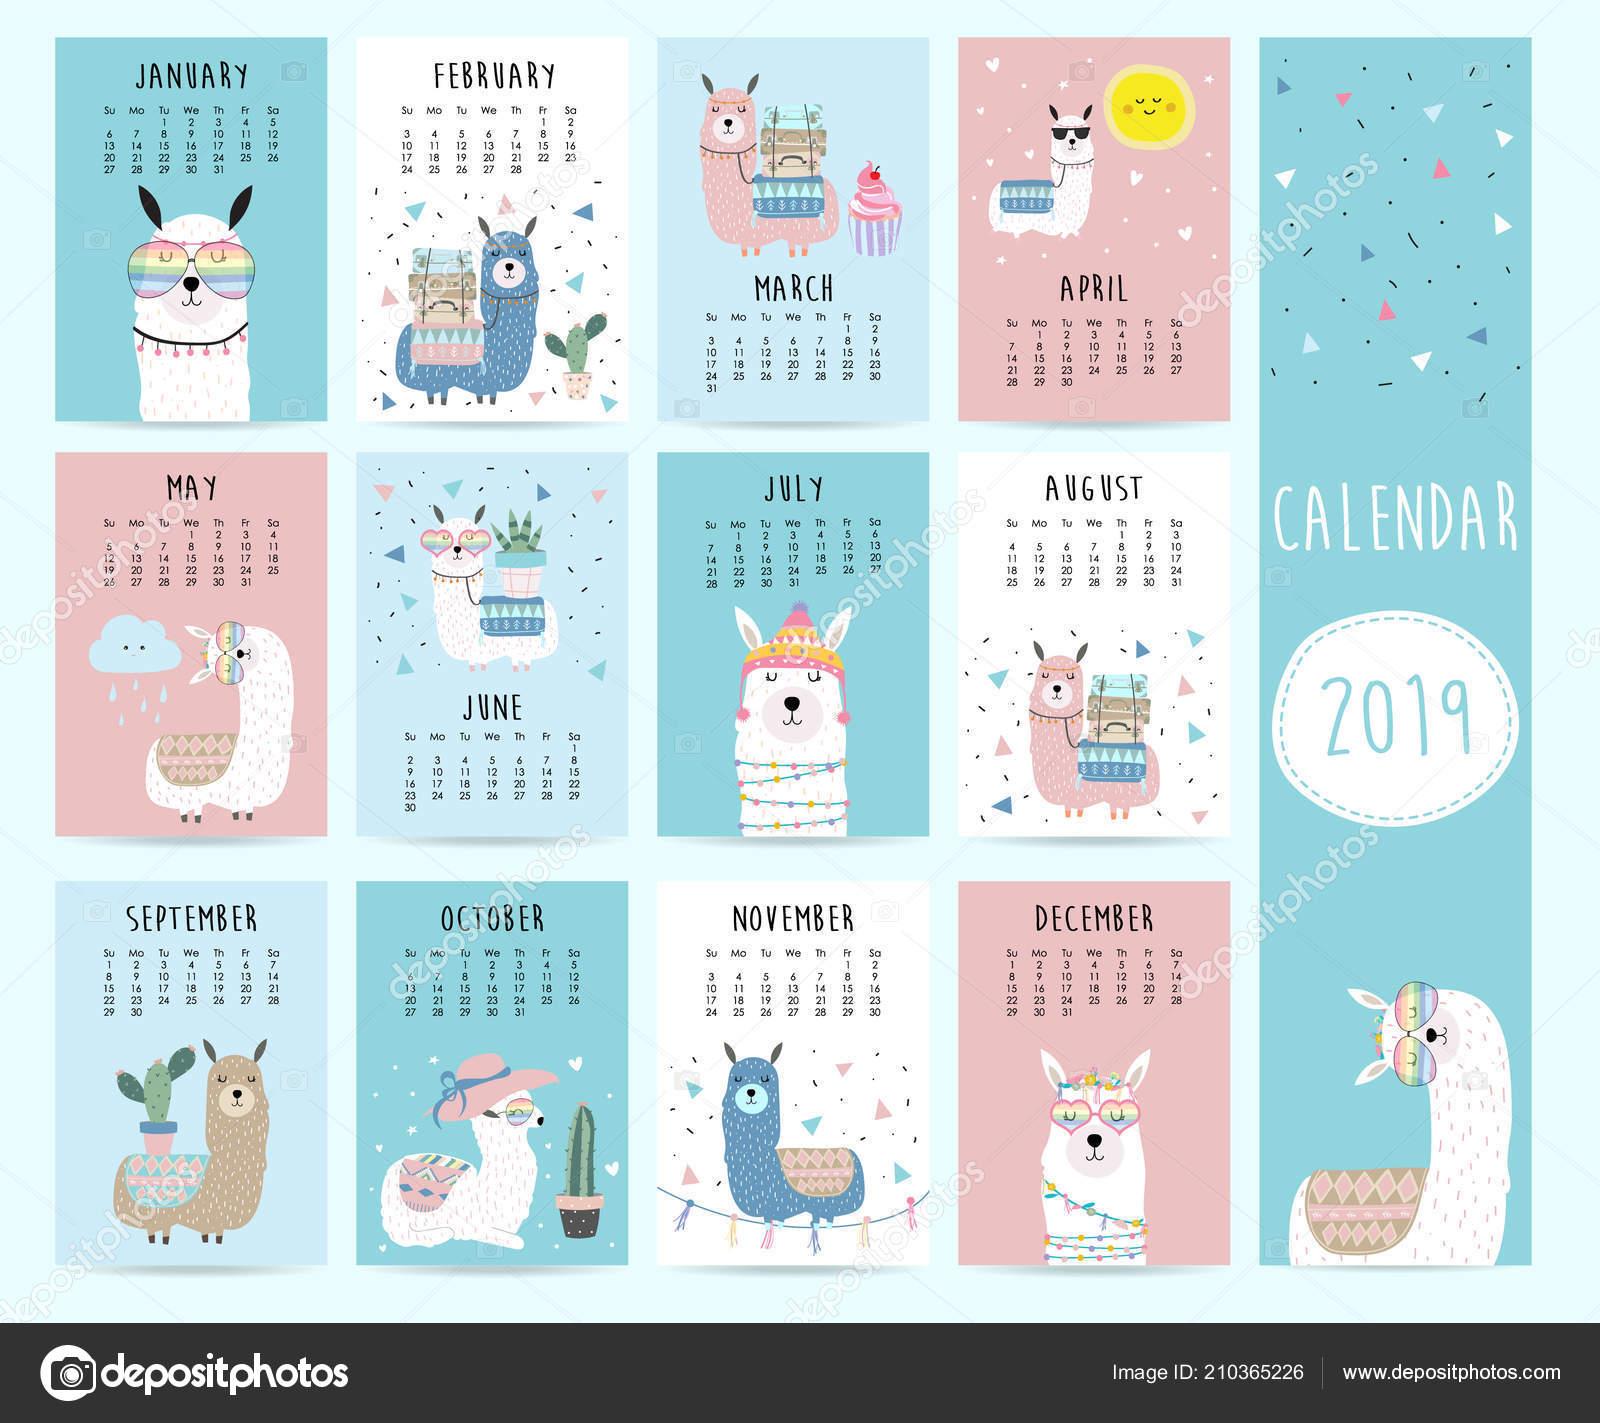 Calendario De Septiembre 2019 Para Imprimir Animado.Lindo Mes Calendario 2019 Con Llama Equipaje Cactus